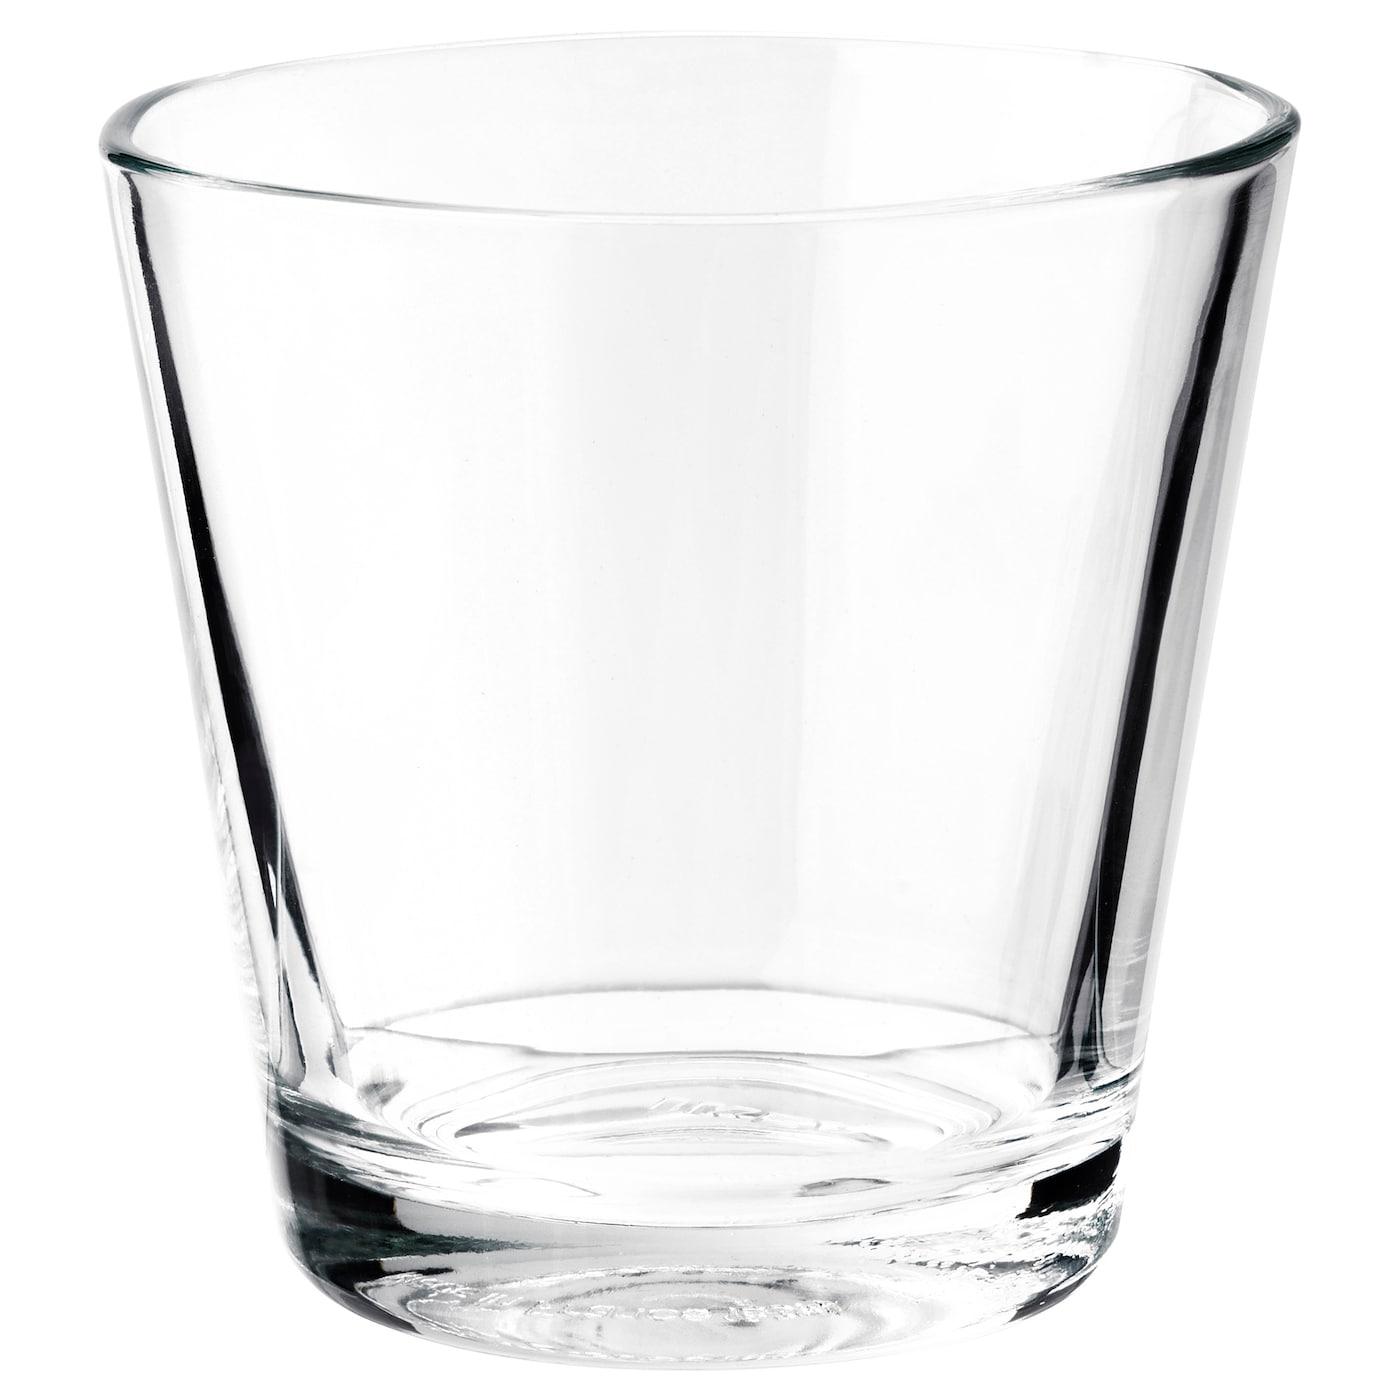 glassware cocktail glasses ikea. Black Bedroom Furniture Sets. Home Design Ideas